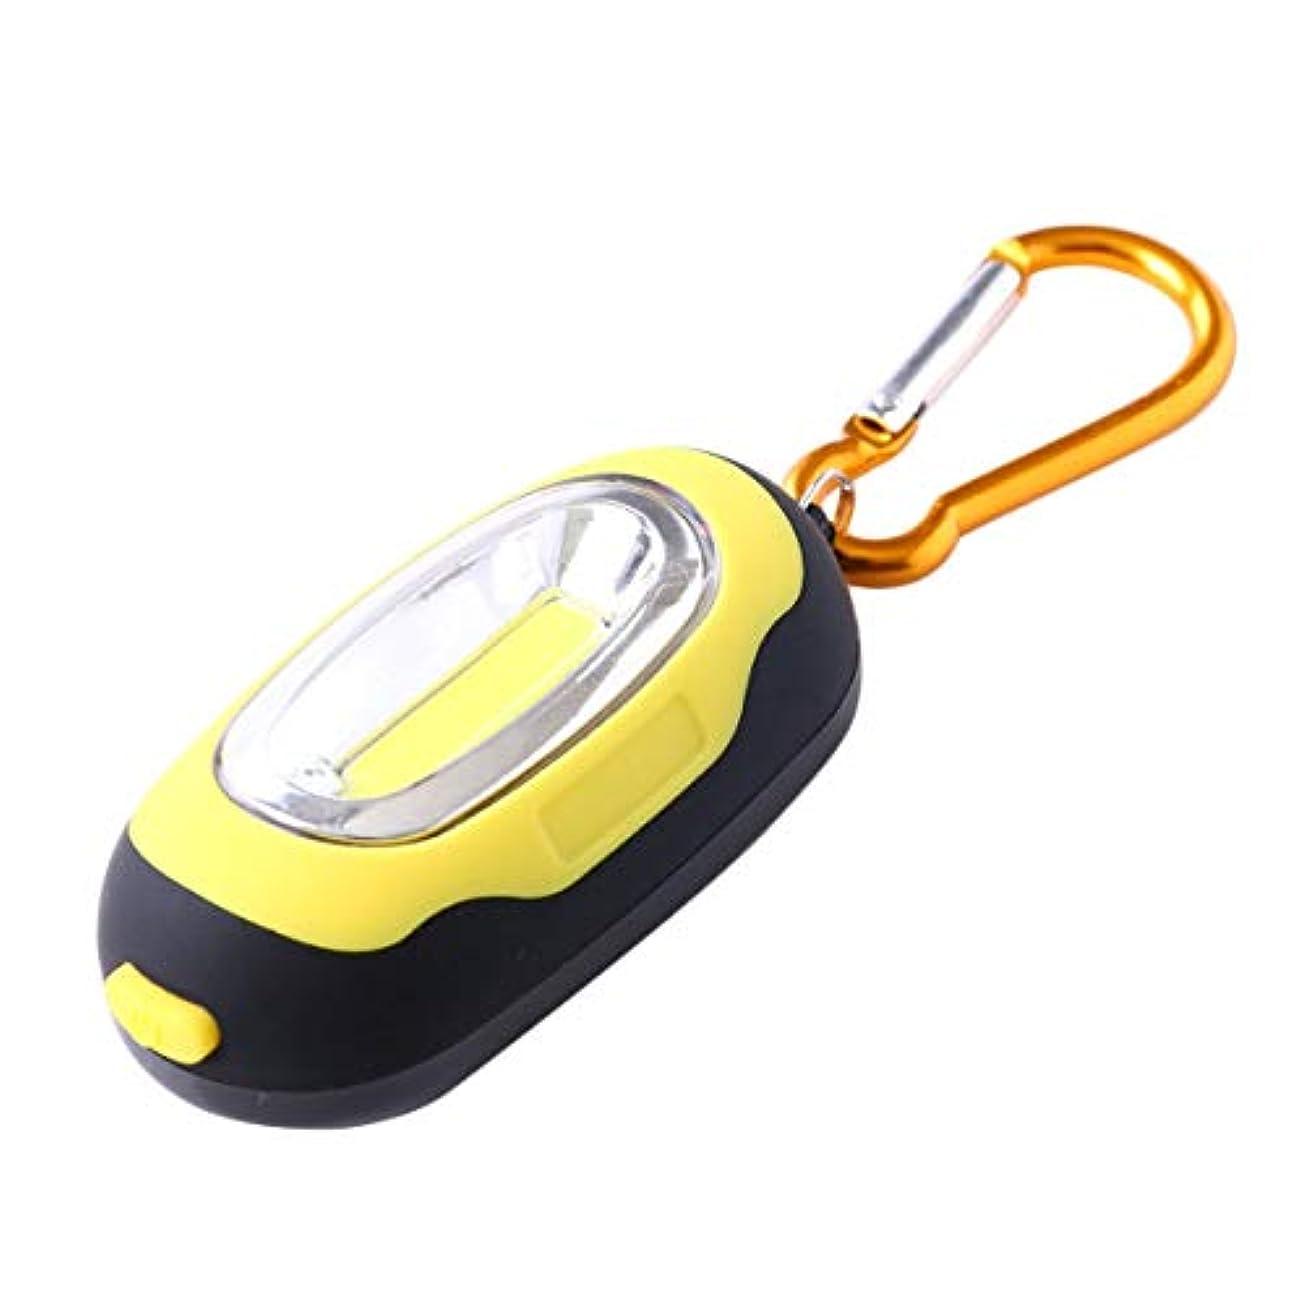 疑問を超えて事件、出来事思い出すポータブルミニ懐中電灯キーホルダーLED懐中電灯屋外キャンプハイキングライト